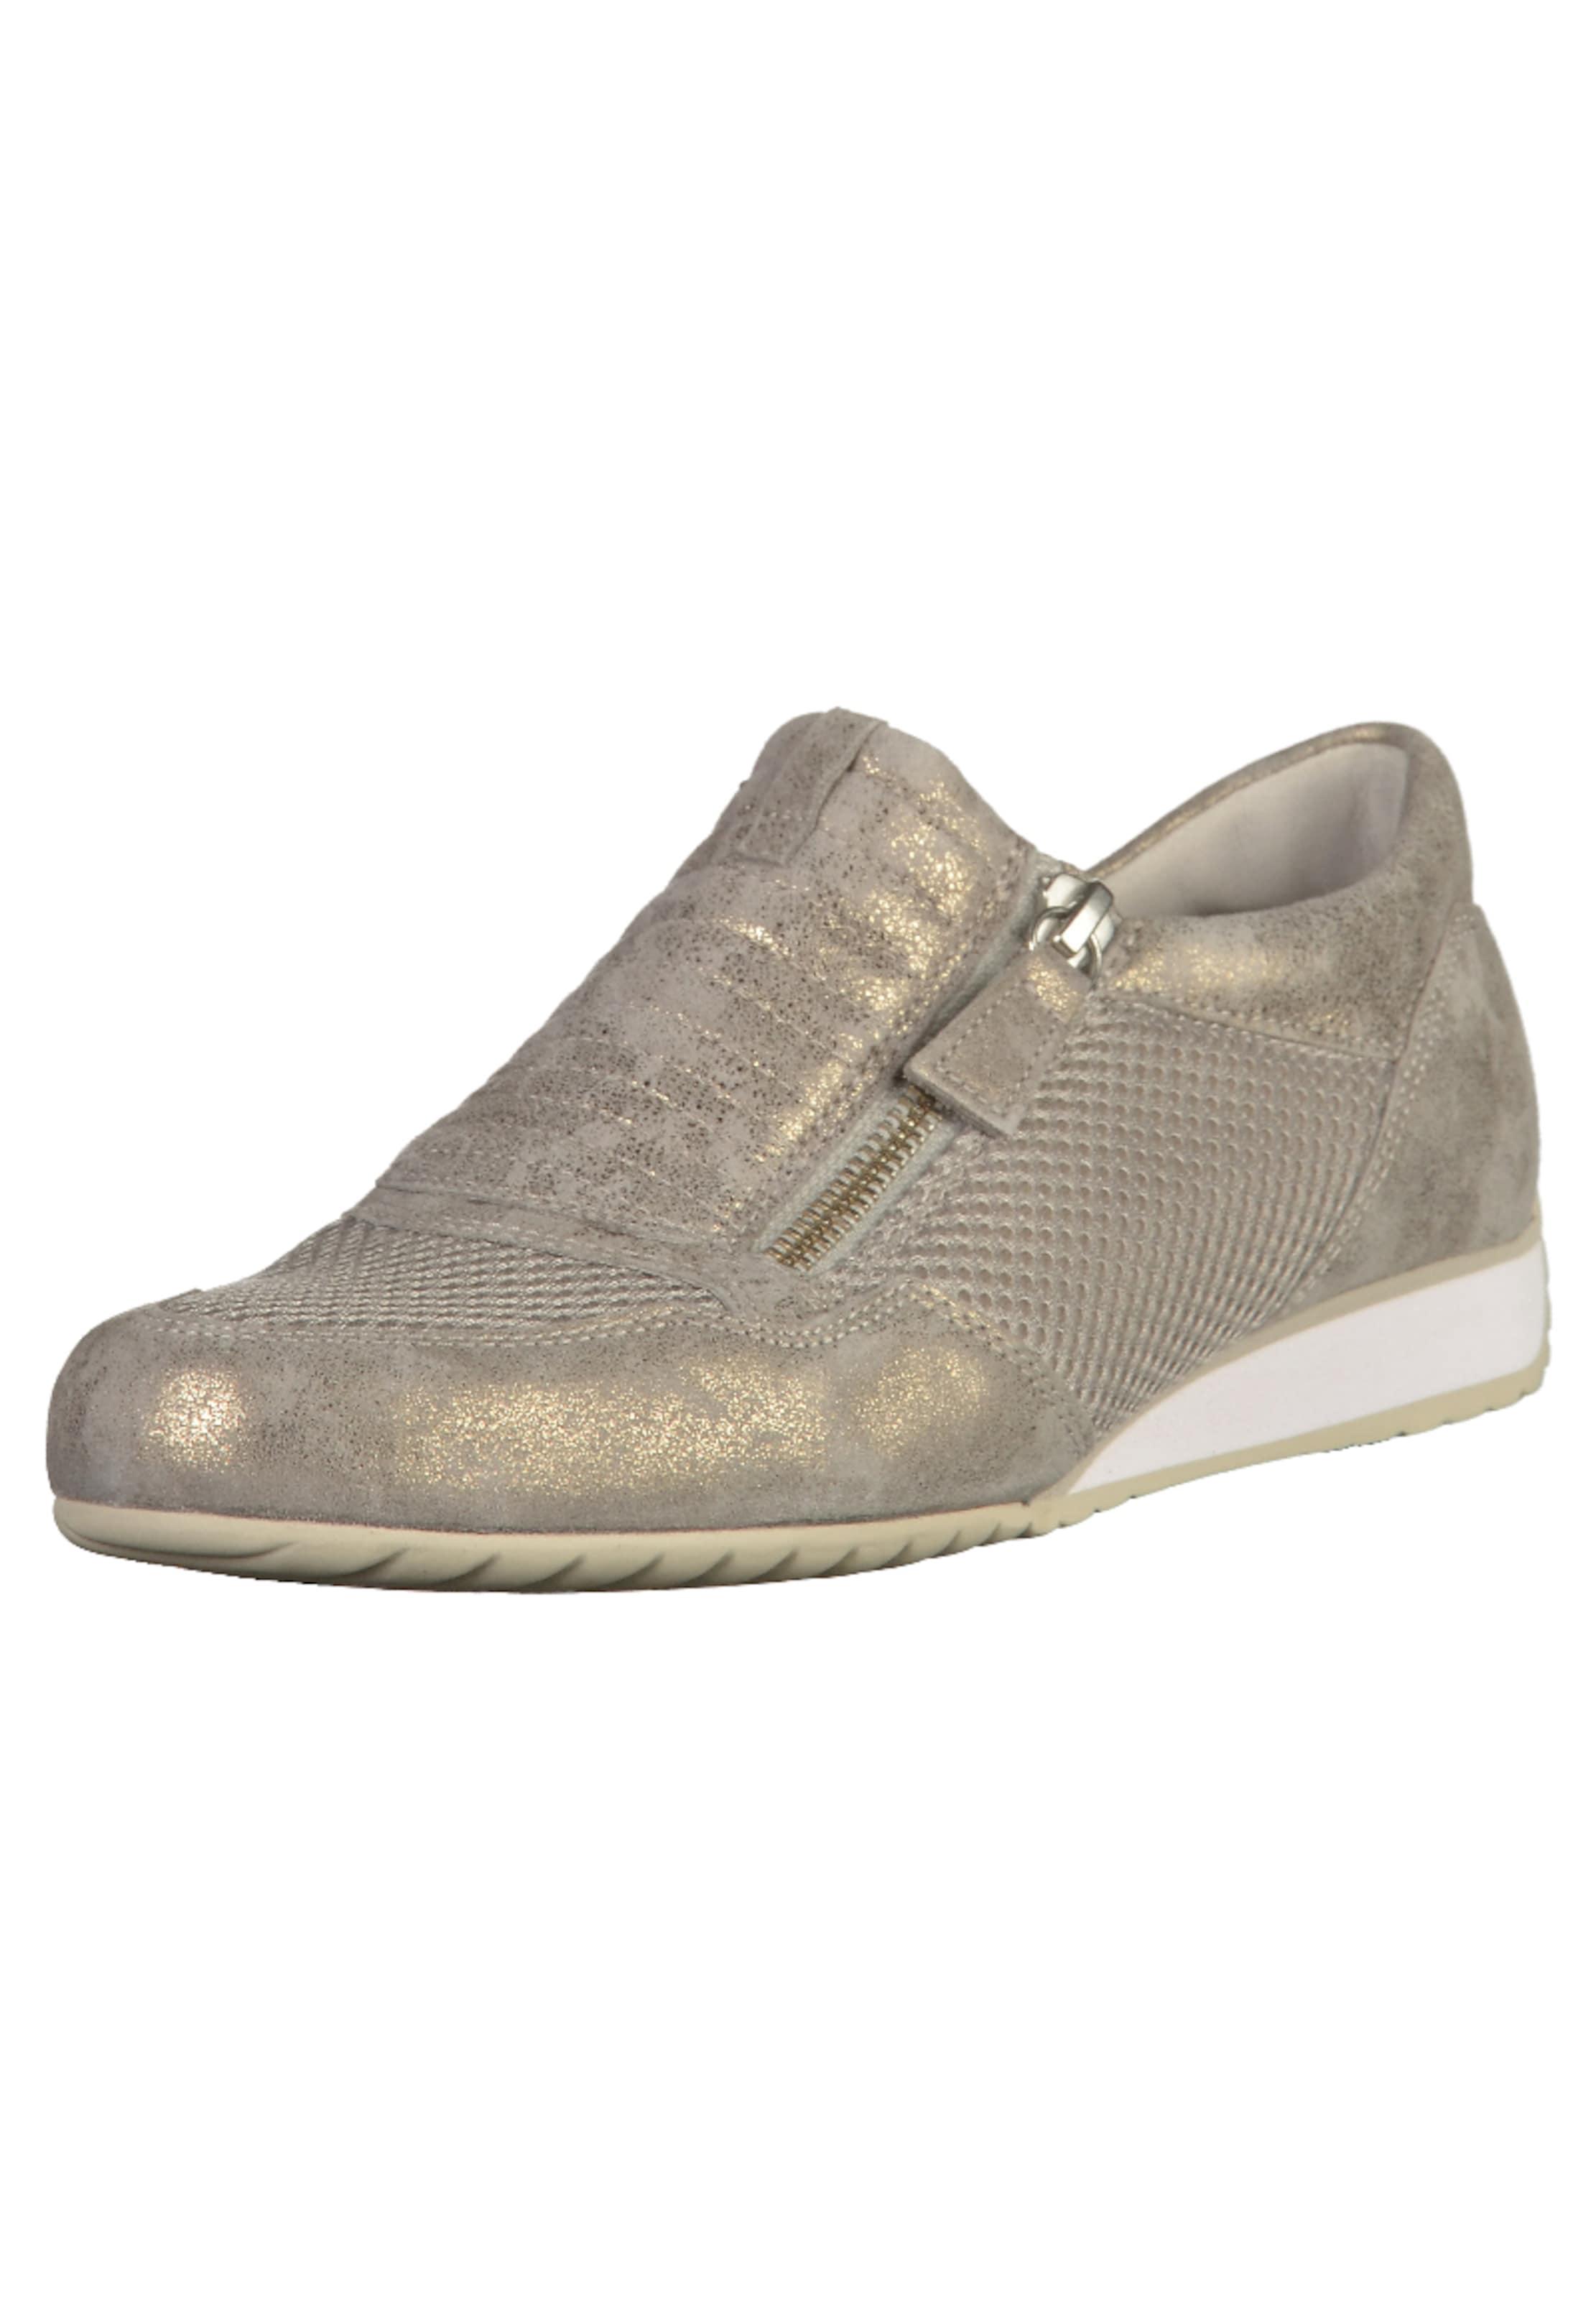 GABOR Halbschuhe Verschleißfeste billige Schuhe Hohe Qualität